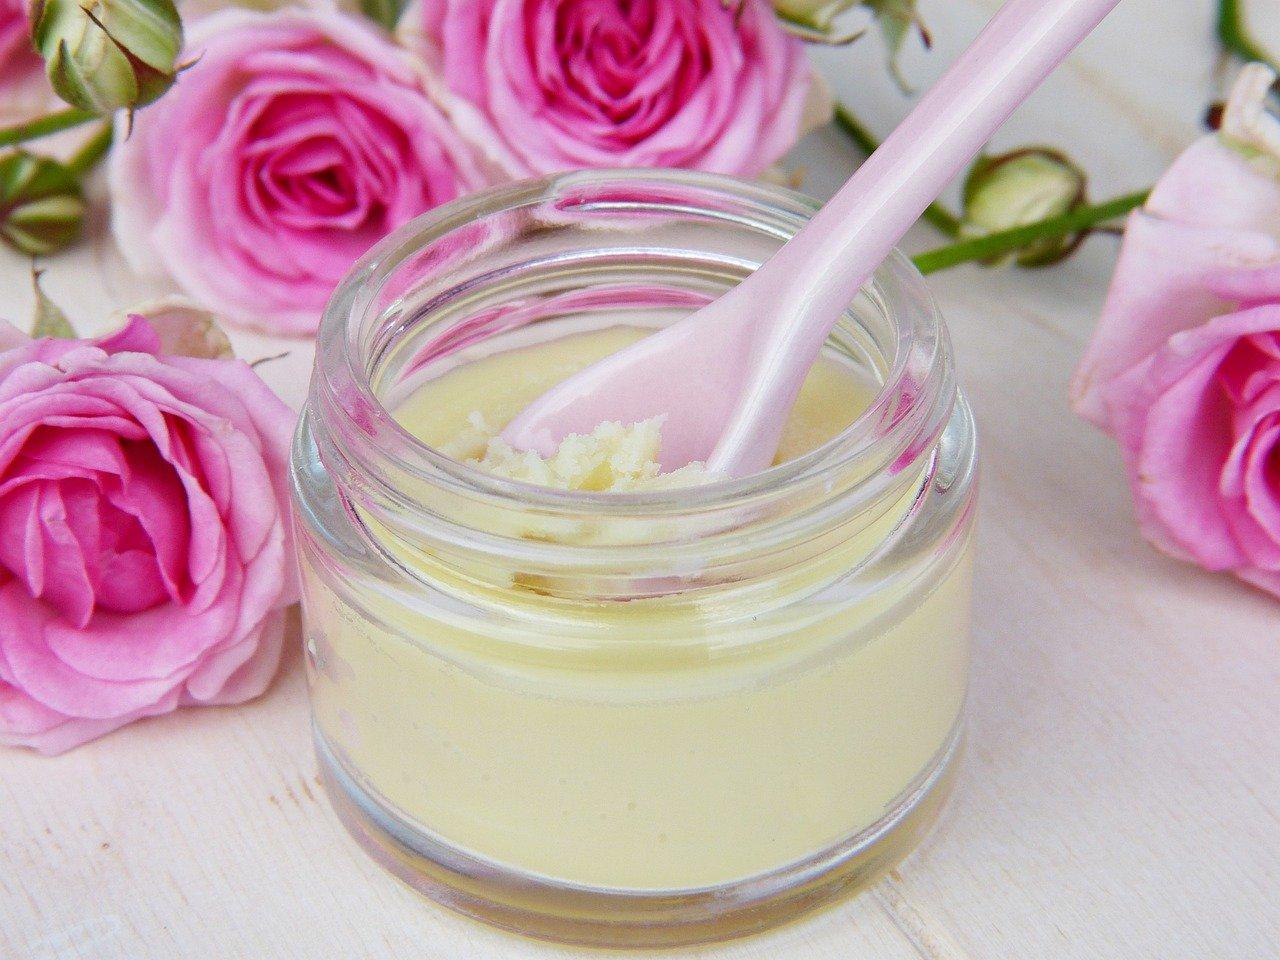 Naturalna kosmetyka zyskuje coraz więcej zwolenników. Olej kokosowy, żel antycellulitowy, maść propolisowa